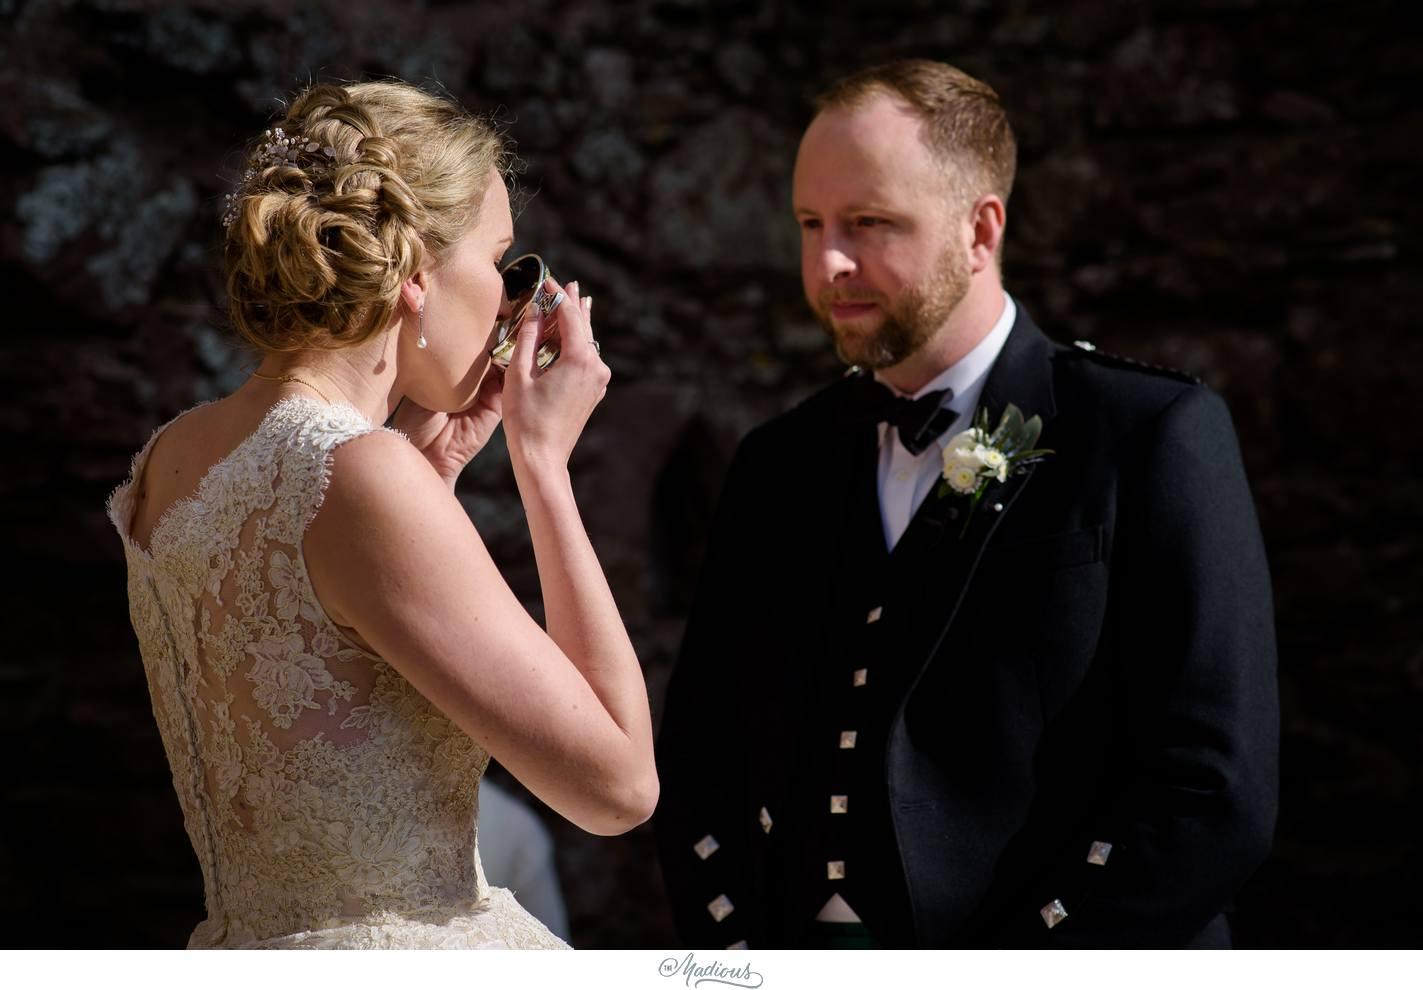 Balbegno_Dunnotar_Castle_Scottland_Wedding_37.jpg